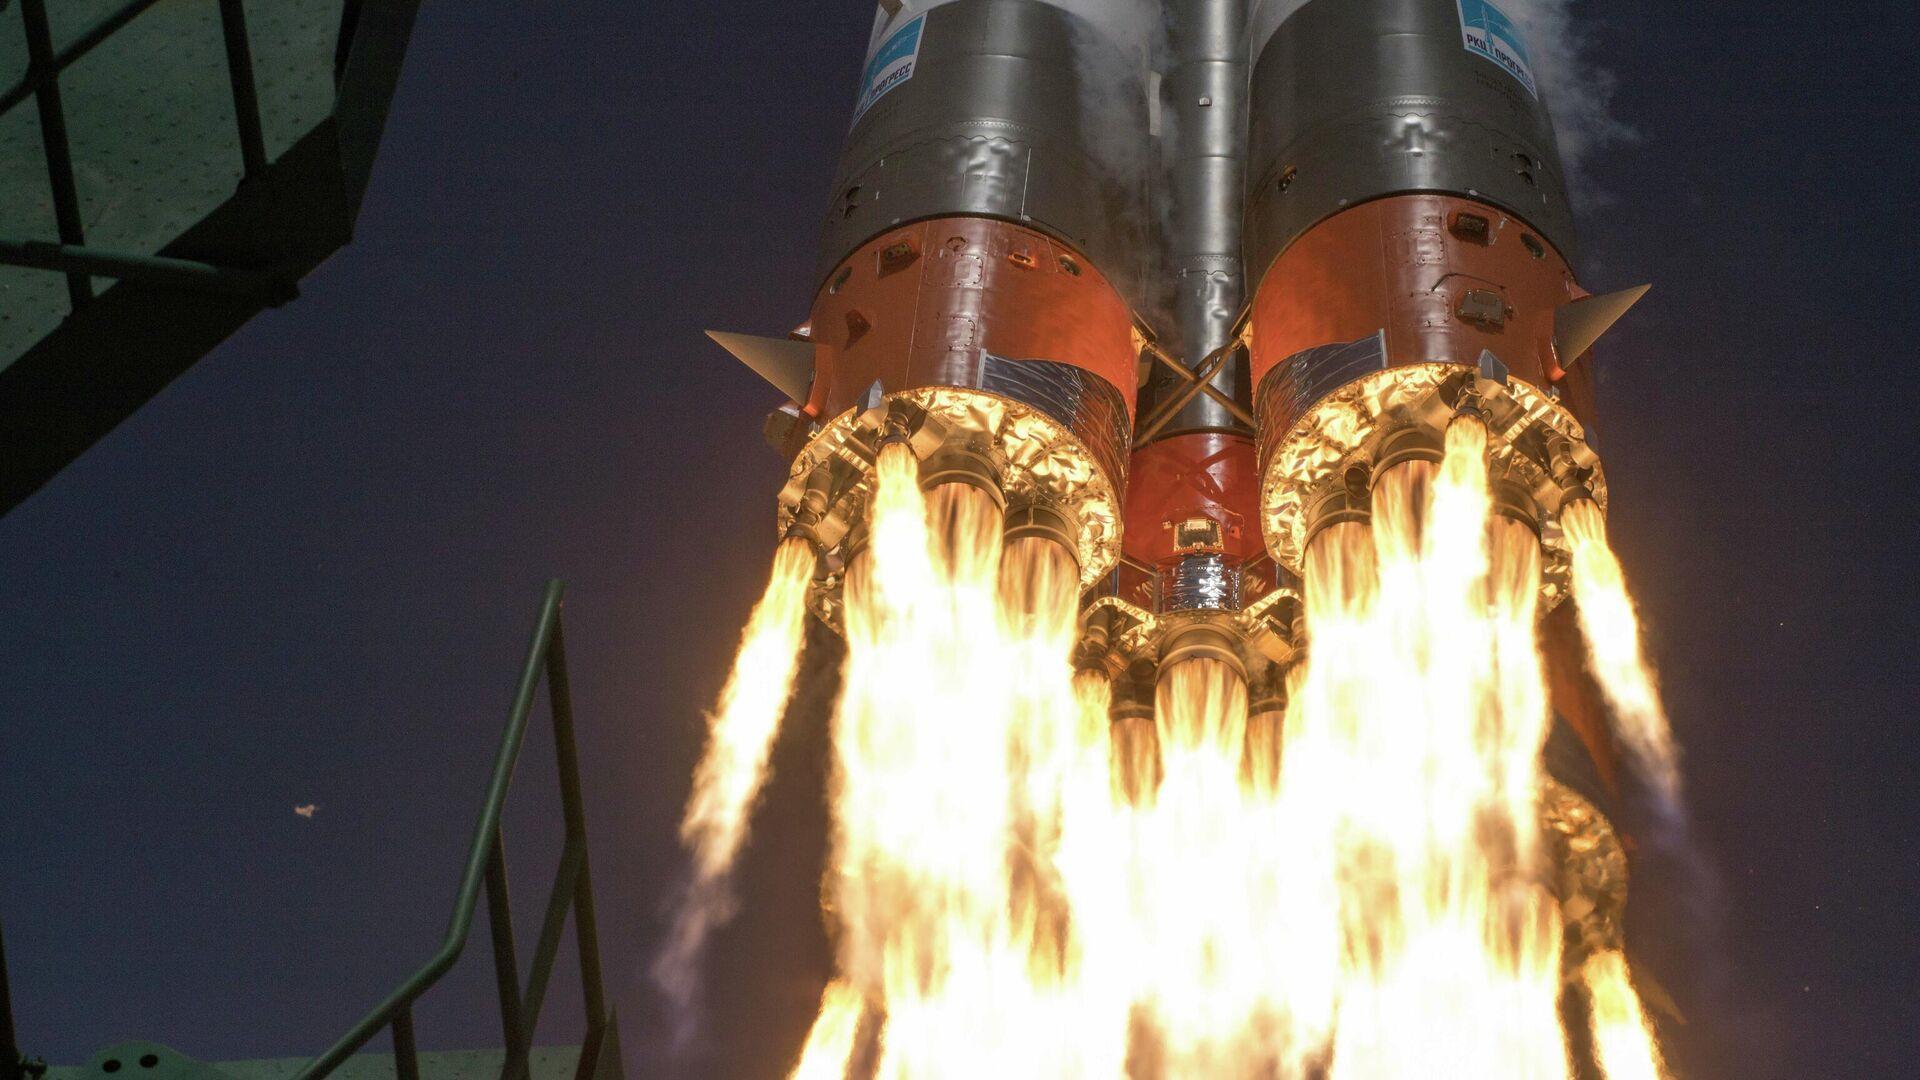 Старт ракеты-носителя Союз-2.1а с космодрома Байконур - РИА Новости, 1920, 24.12.2020